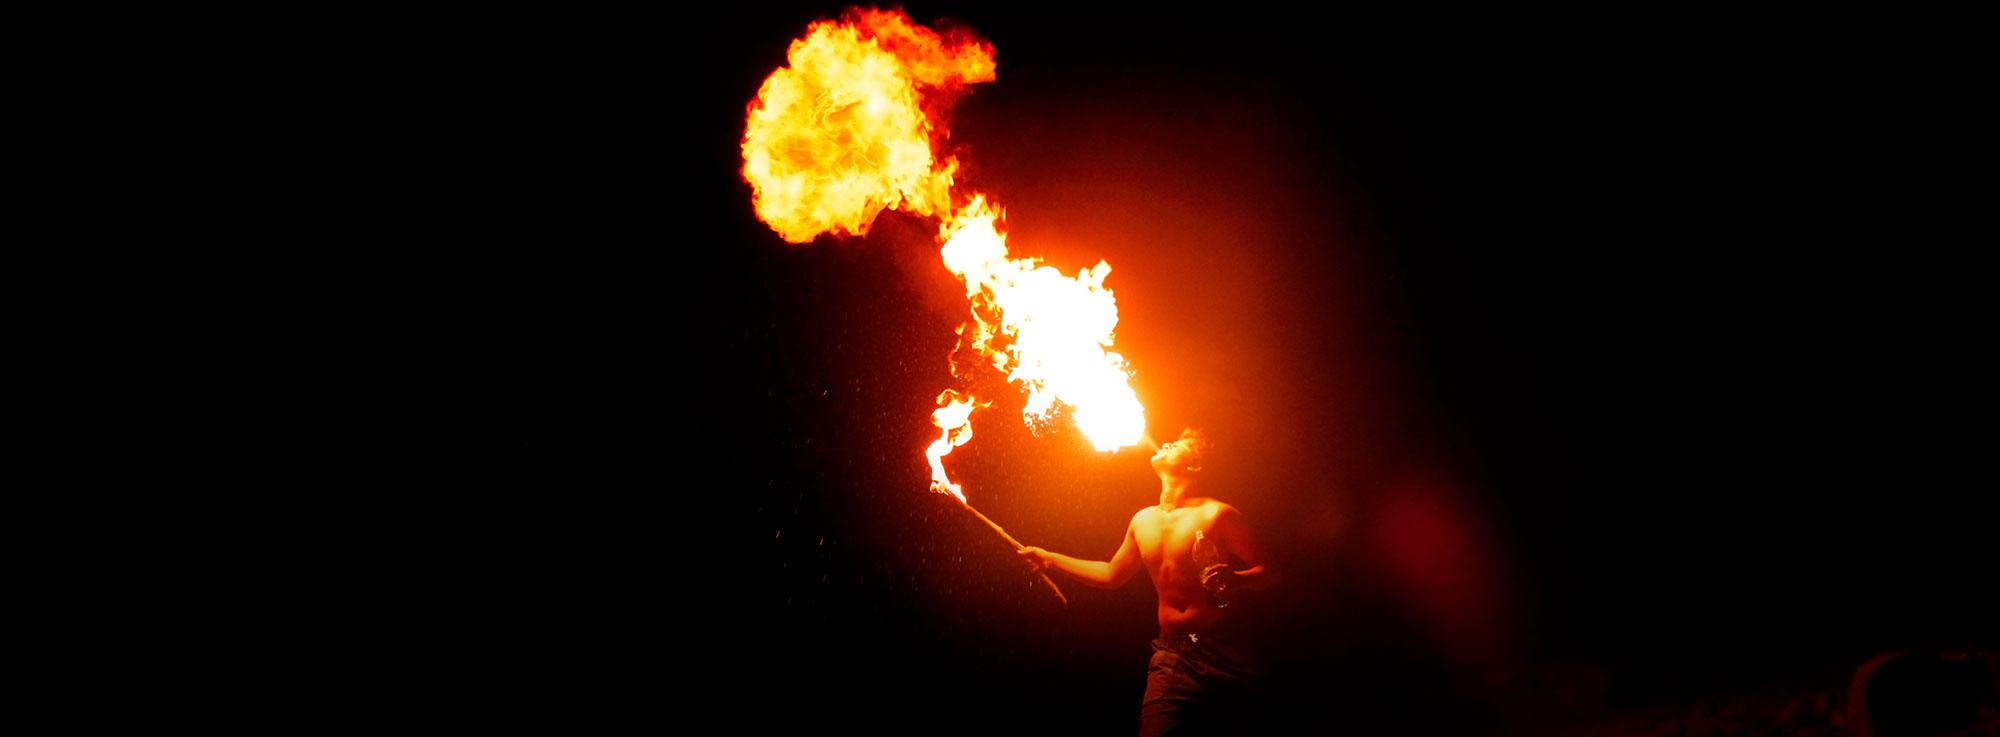 Borgo Egnazia: Brucia la fenice - Festa di primavera